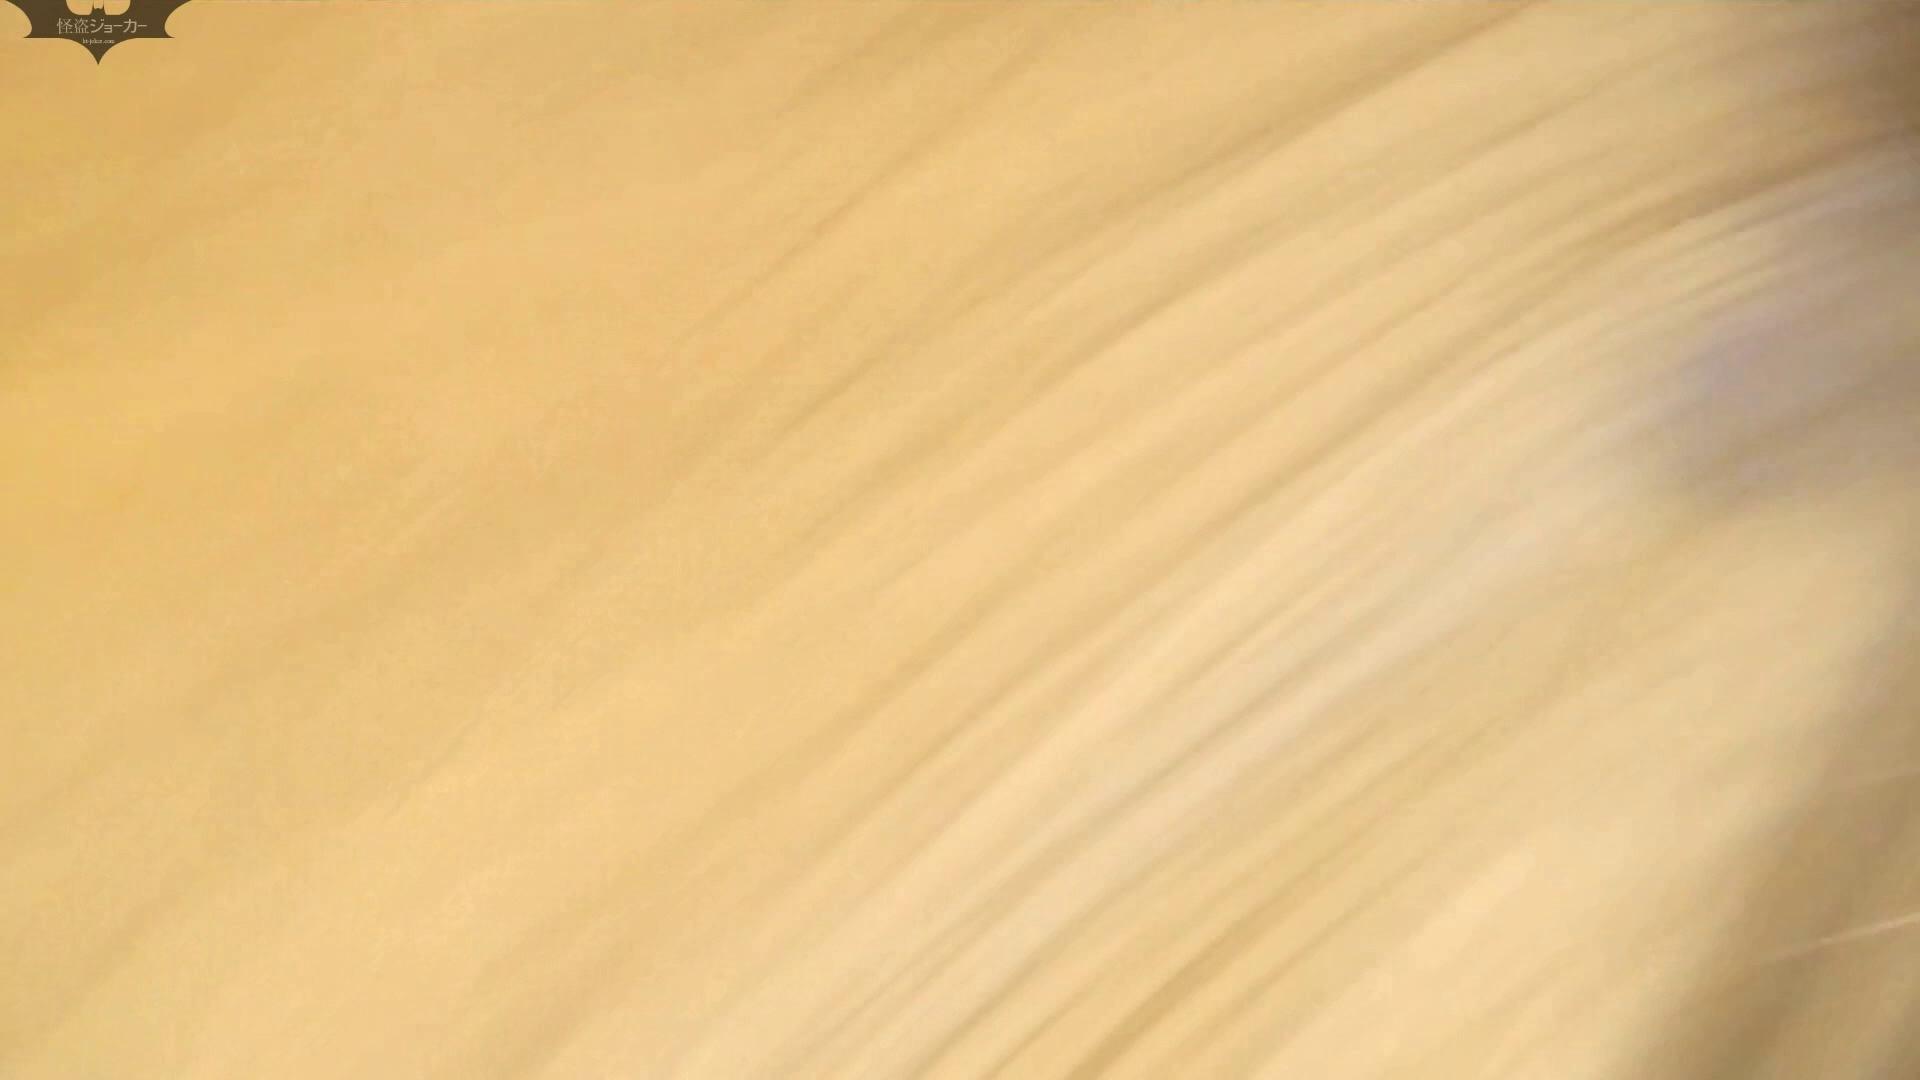 阿国ちゃんの和式洋式七変化 Vol.24 すっごくピクピクしてます。 お姉さんのSEX われめAV動画紹介 89枚 4